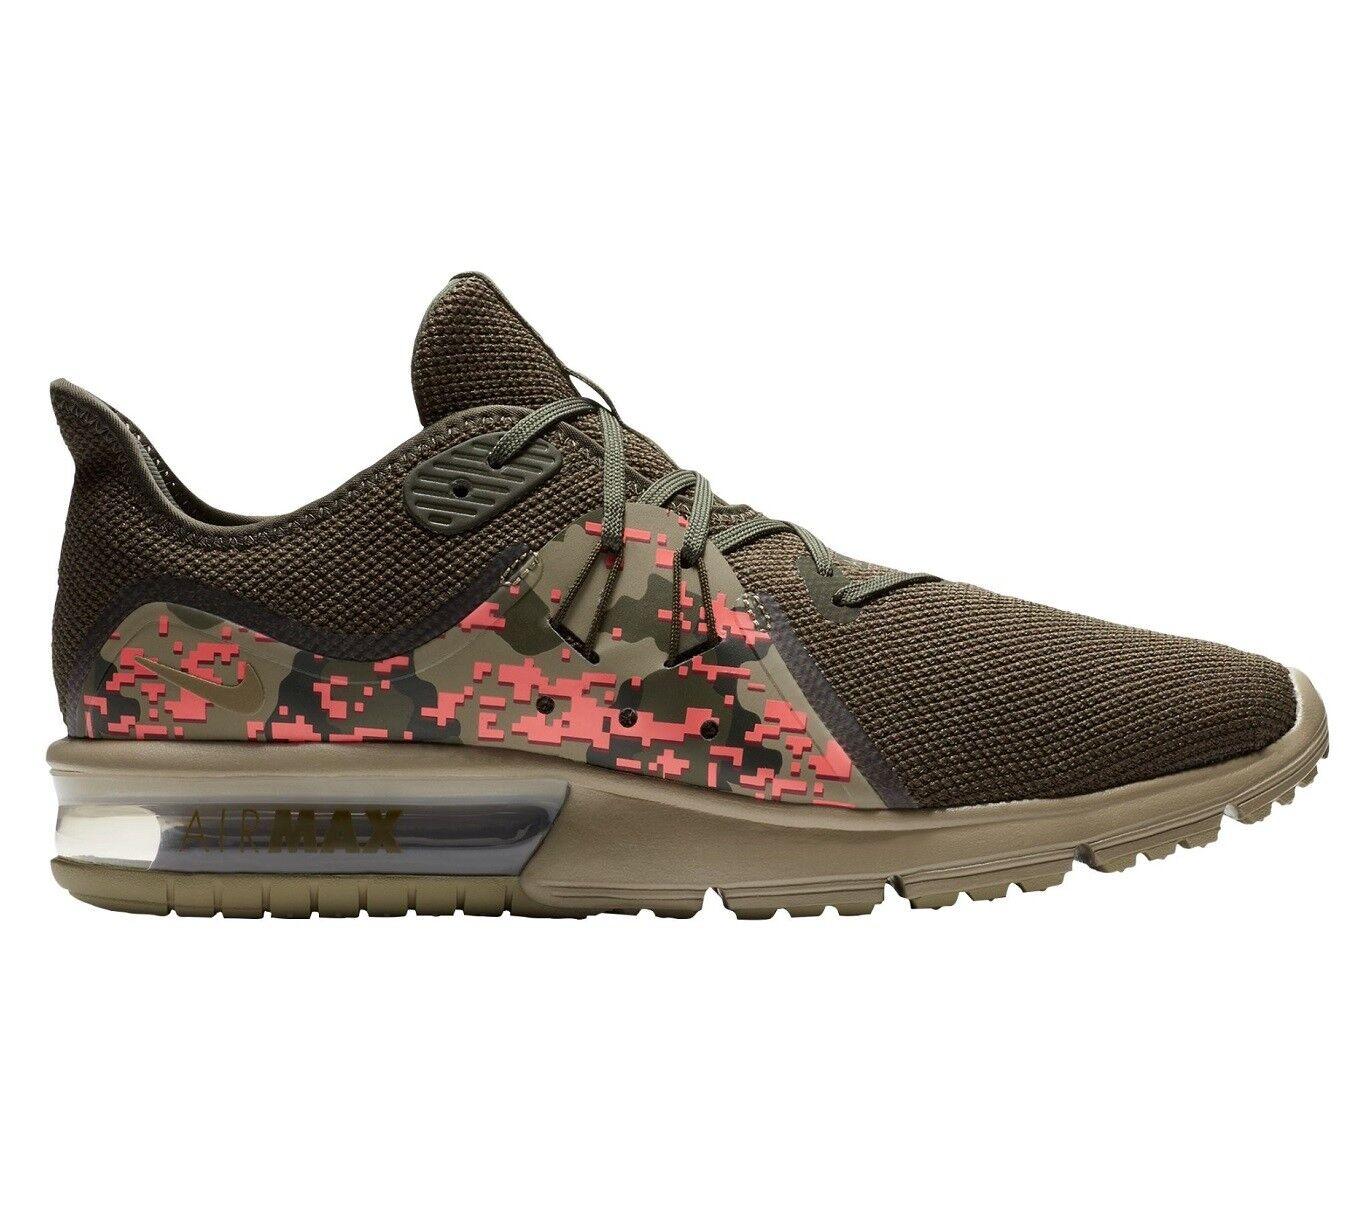 Nike Digi Air Max Sequent 3 Digi Nike Camo Hombre Corriendo Zapatos Tamaño 6.5 aj0004-201 oliva 826f7f